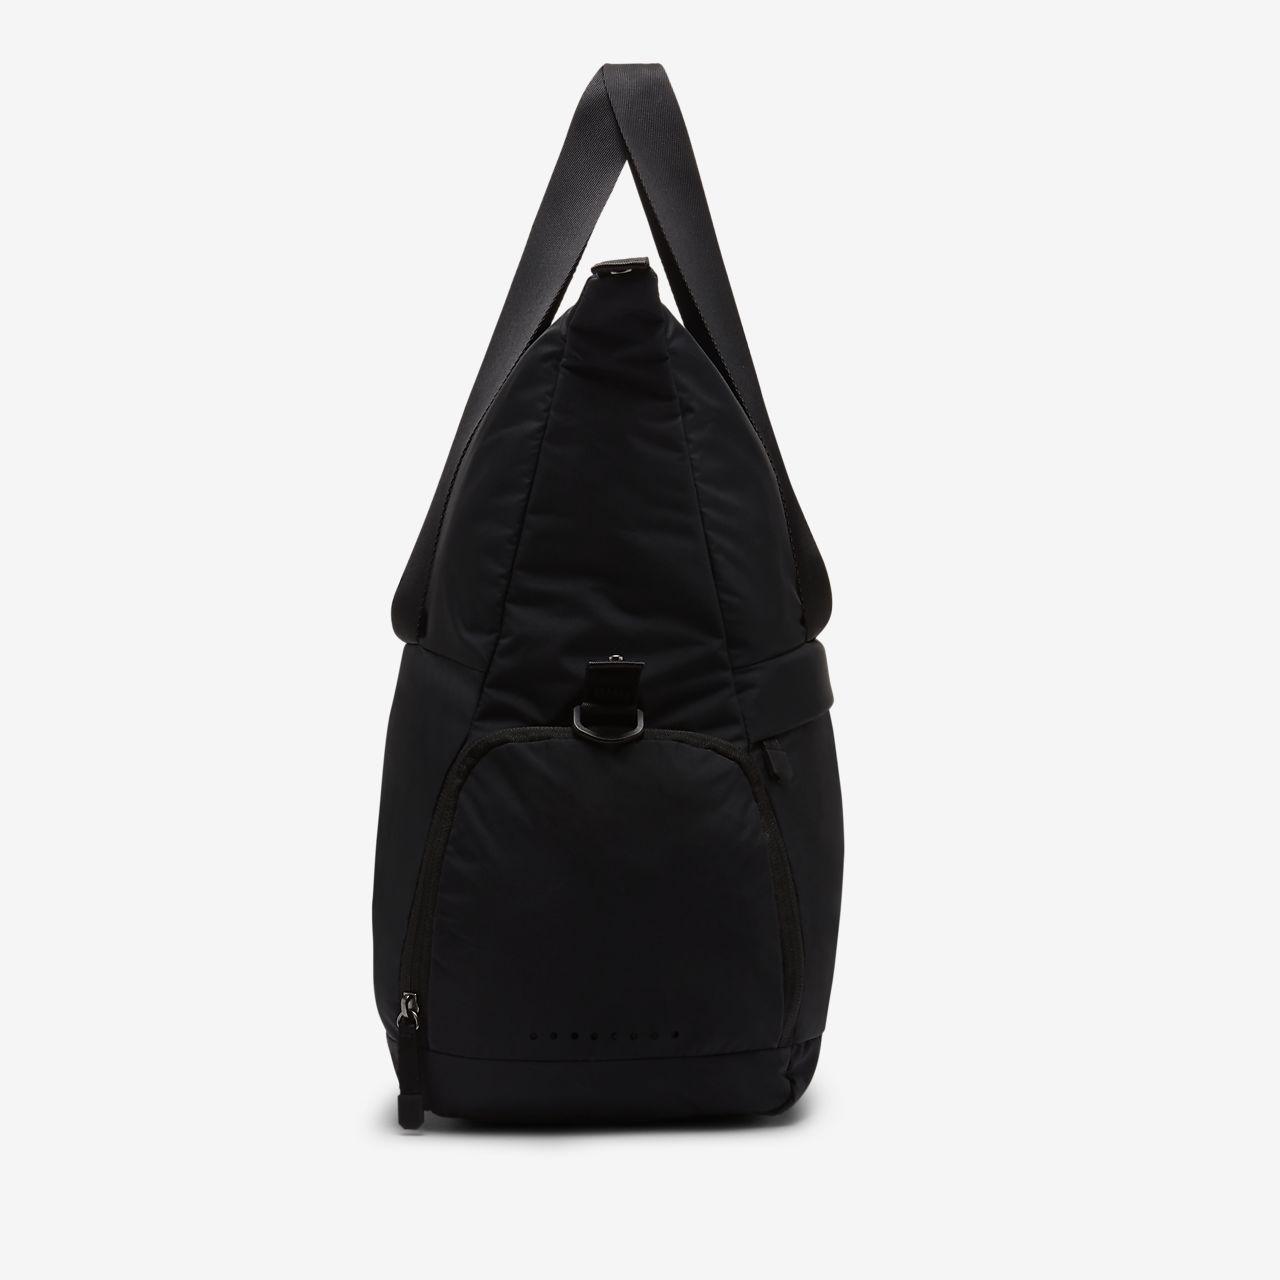 55dc22549d89 Low Resolution Nike Club Training Bag Nike Club Training Bag